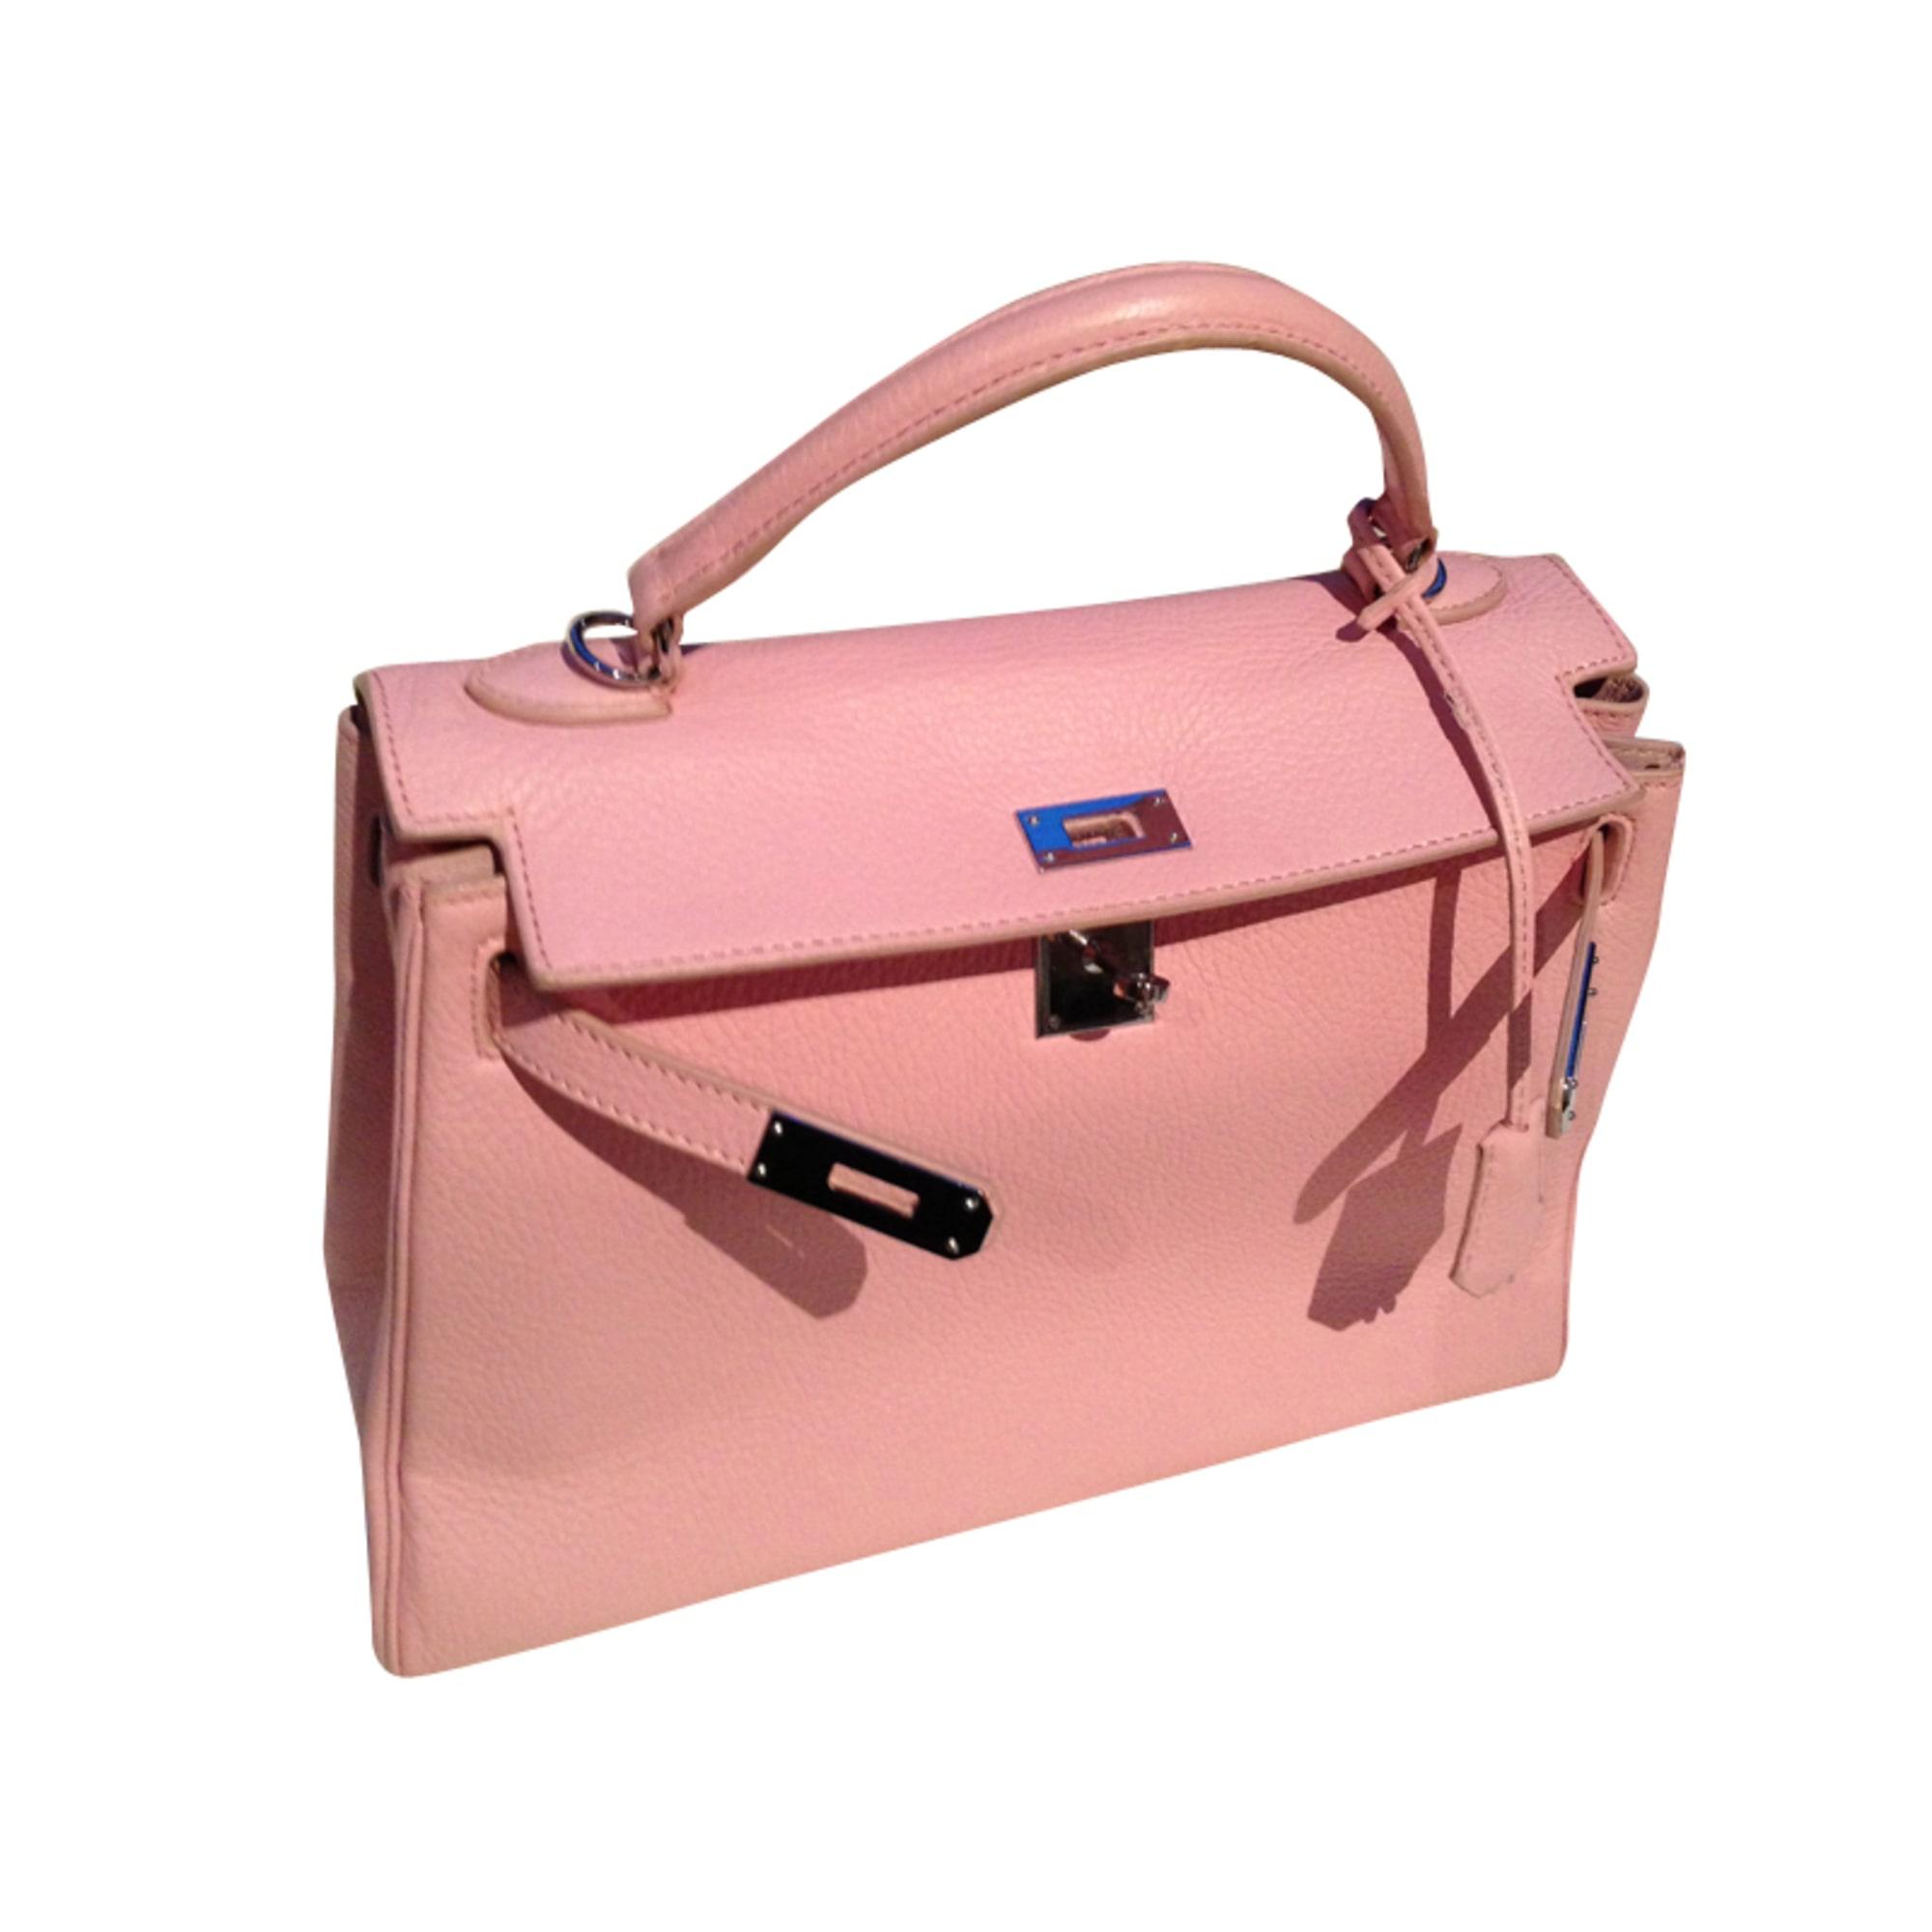 Sac Cuir Main Shopname780229 Vendu Hermès Kelly À Rose En Par hrtsCQdx